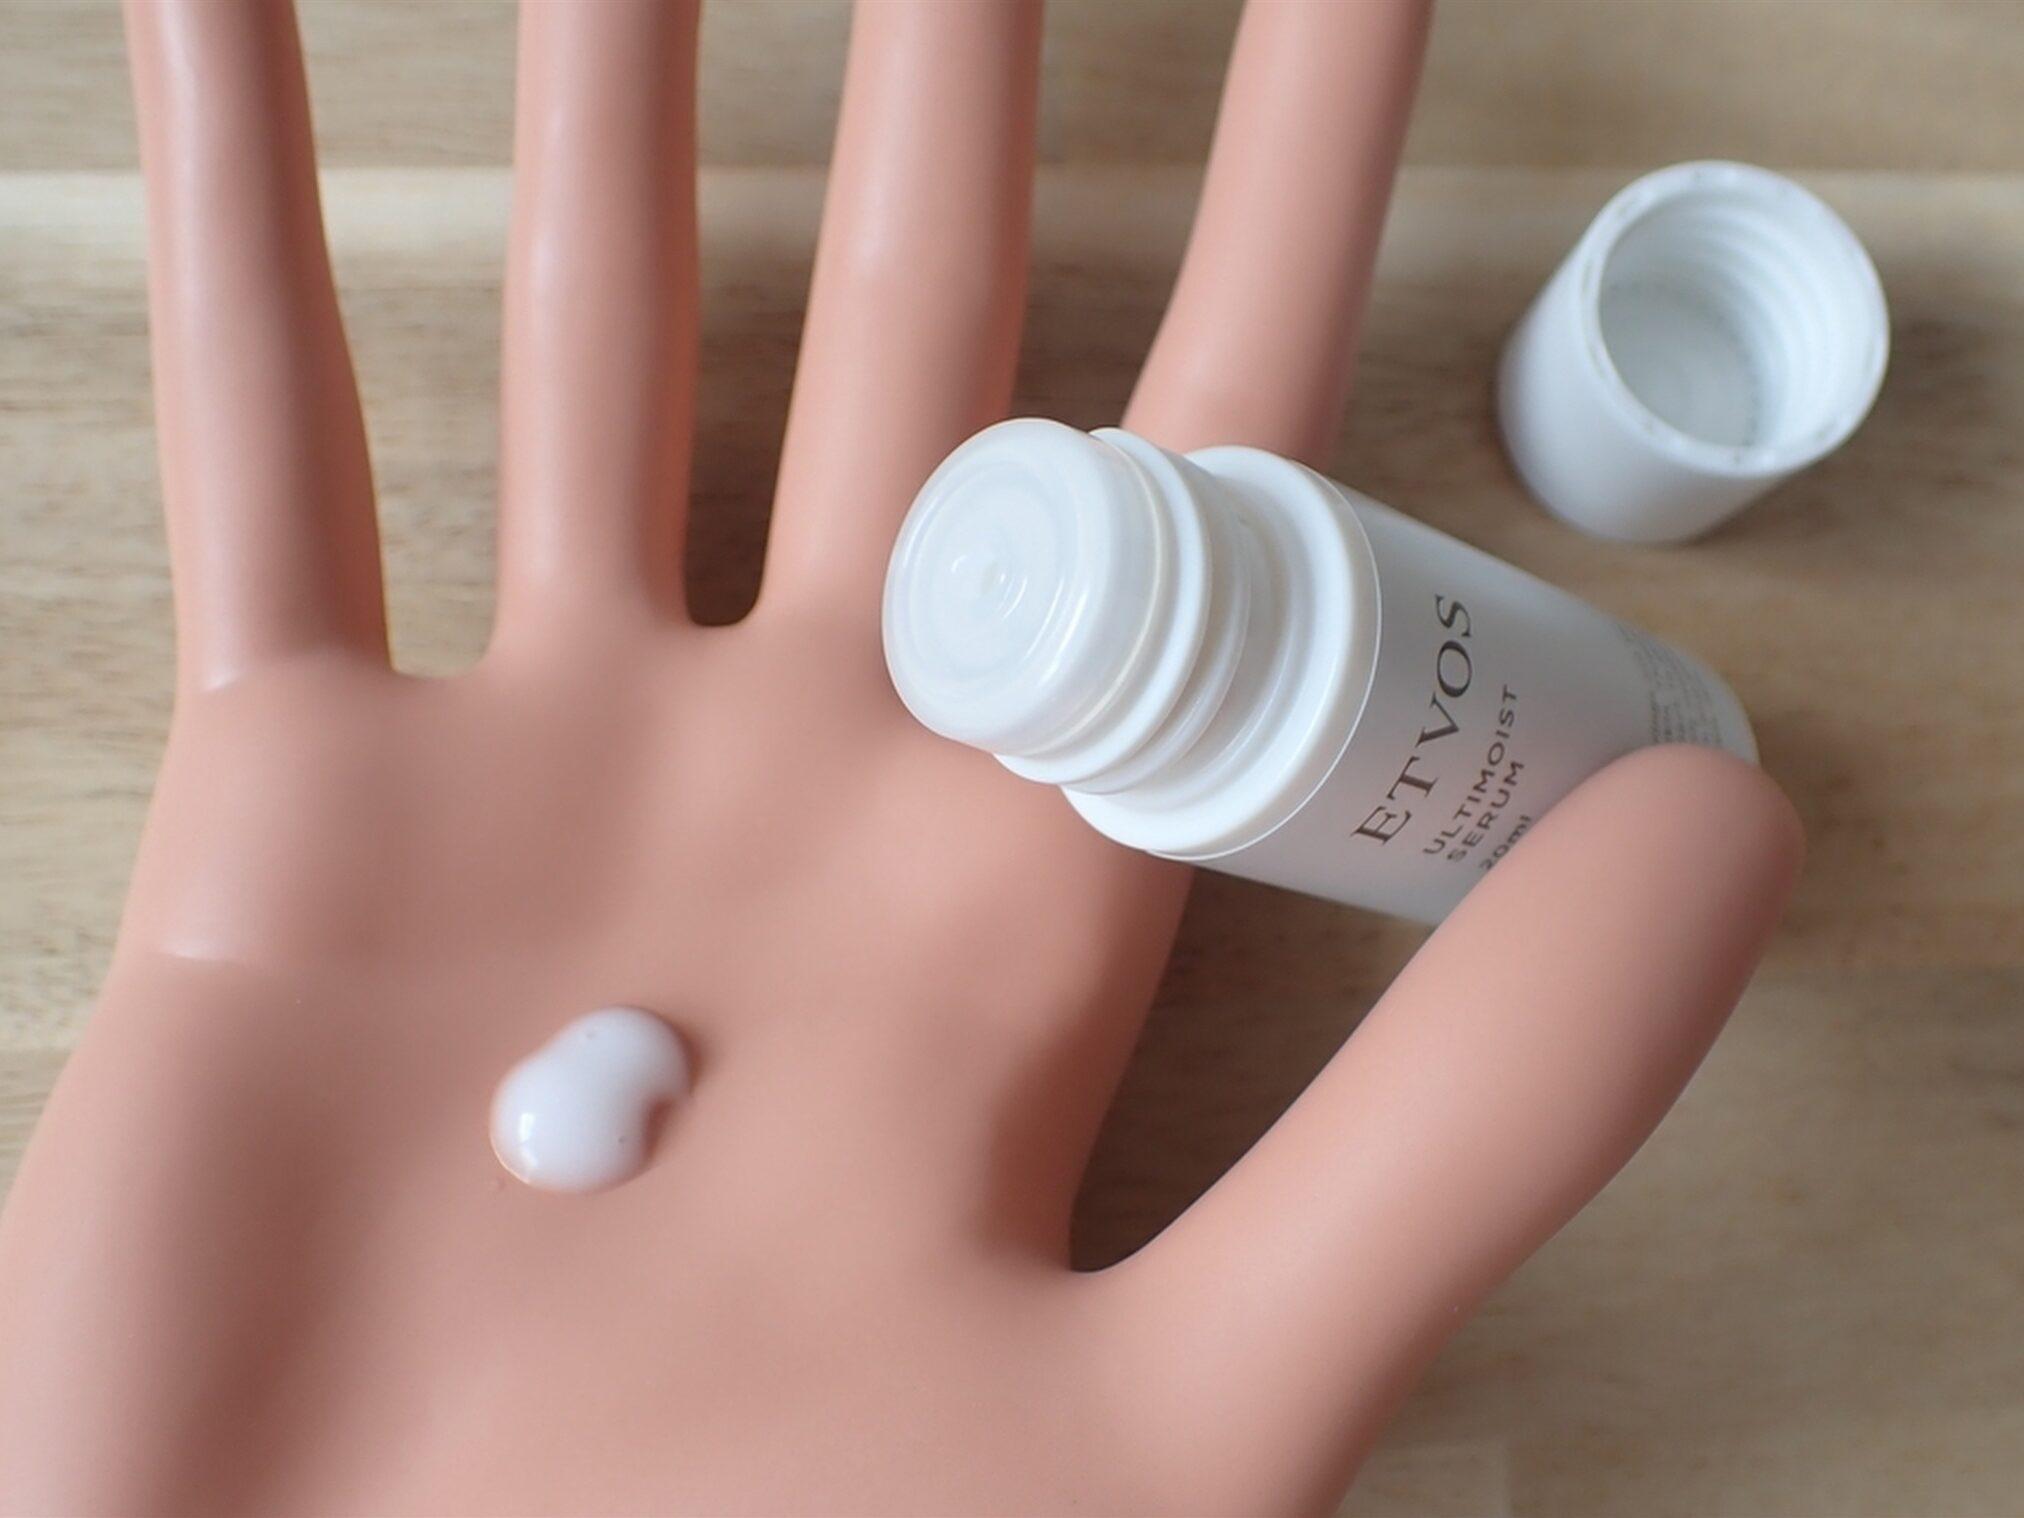 エトヴォス アルティモイスト トライアルキット ETVOS 保湿美容液 アルティモイストセラム 20ml 乳液と美容液の役割をこなします